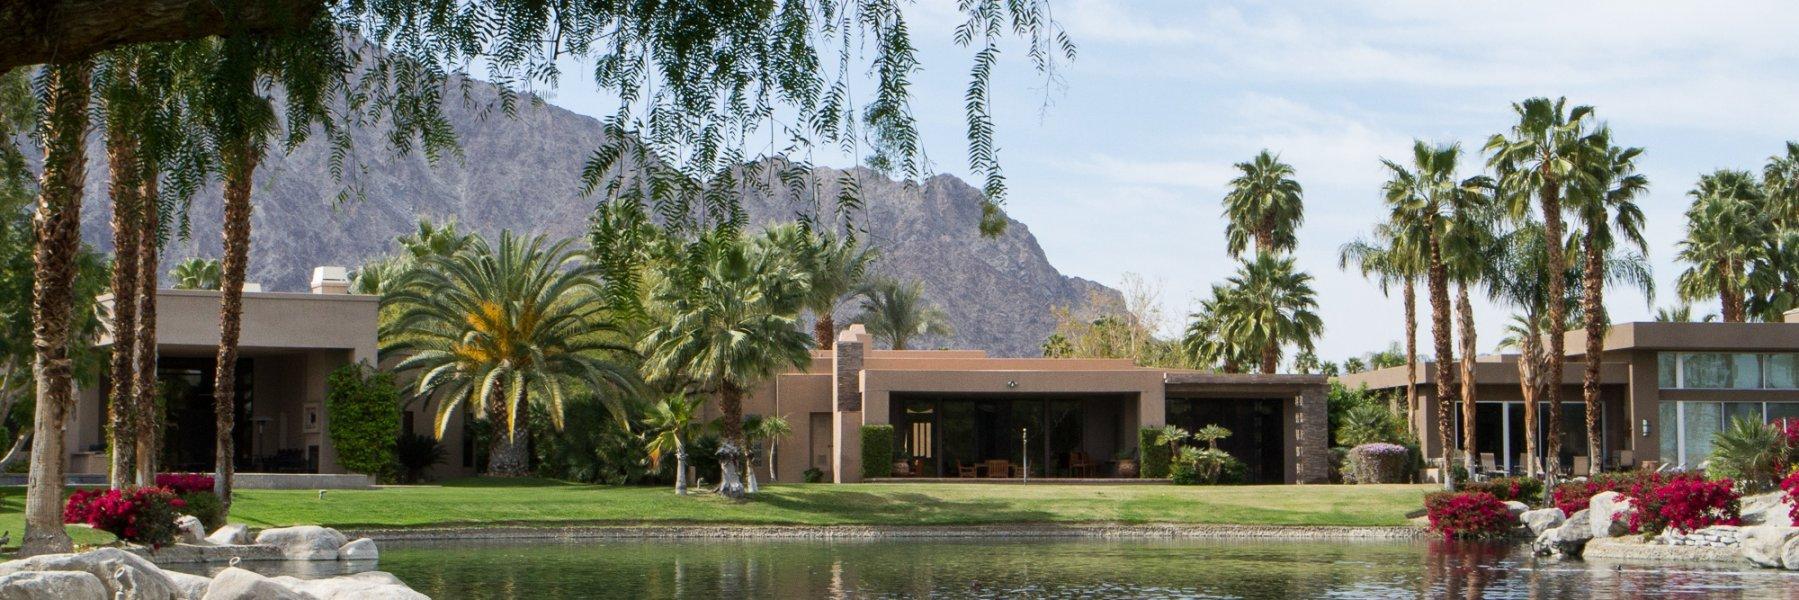 PGA West Stadium is a community of homes in La Quinta California